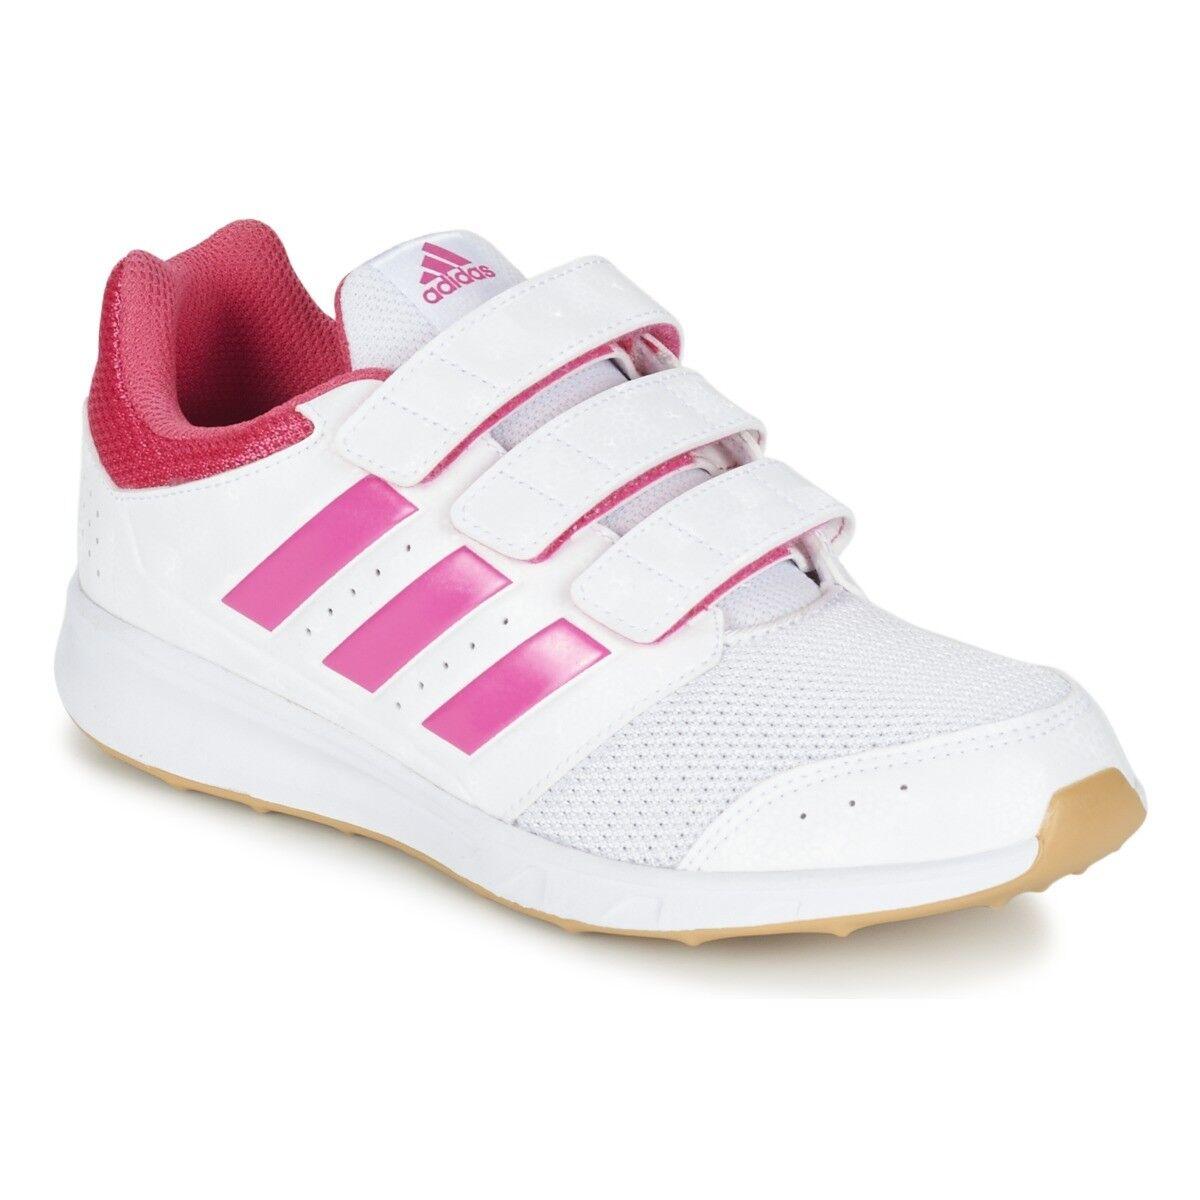 Adidas LK Sport 2 CF K Lányok Gyerekek Junior Sport Edzőcipők Fehér Rózsaszín AQ4781